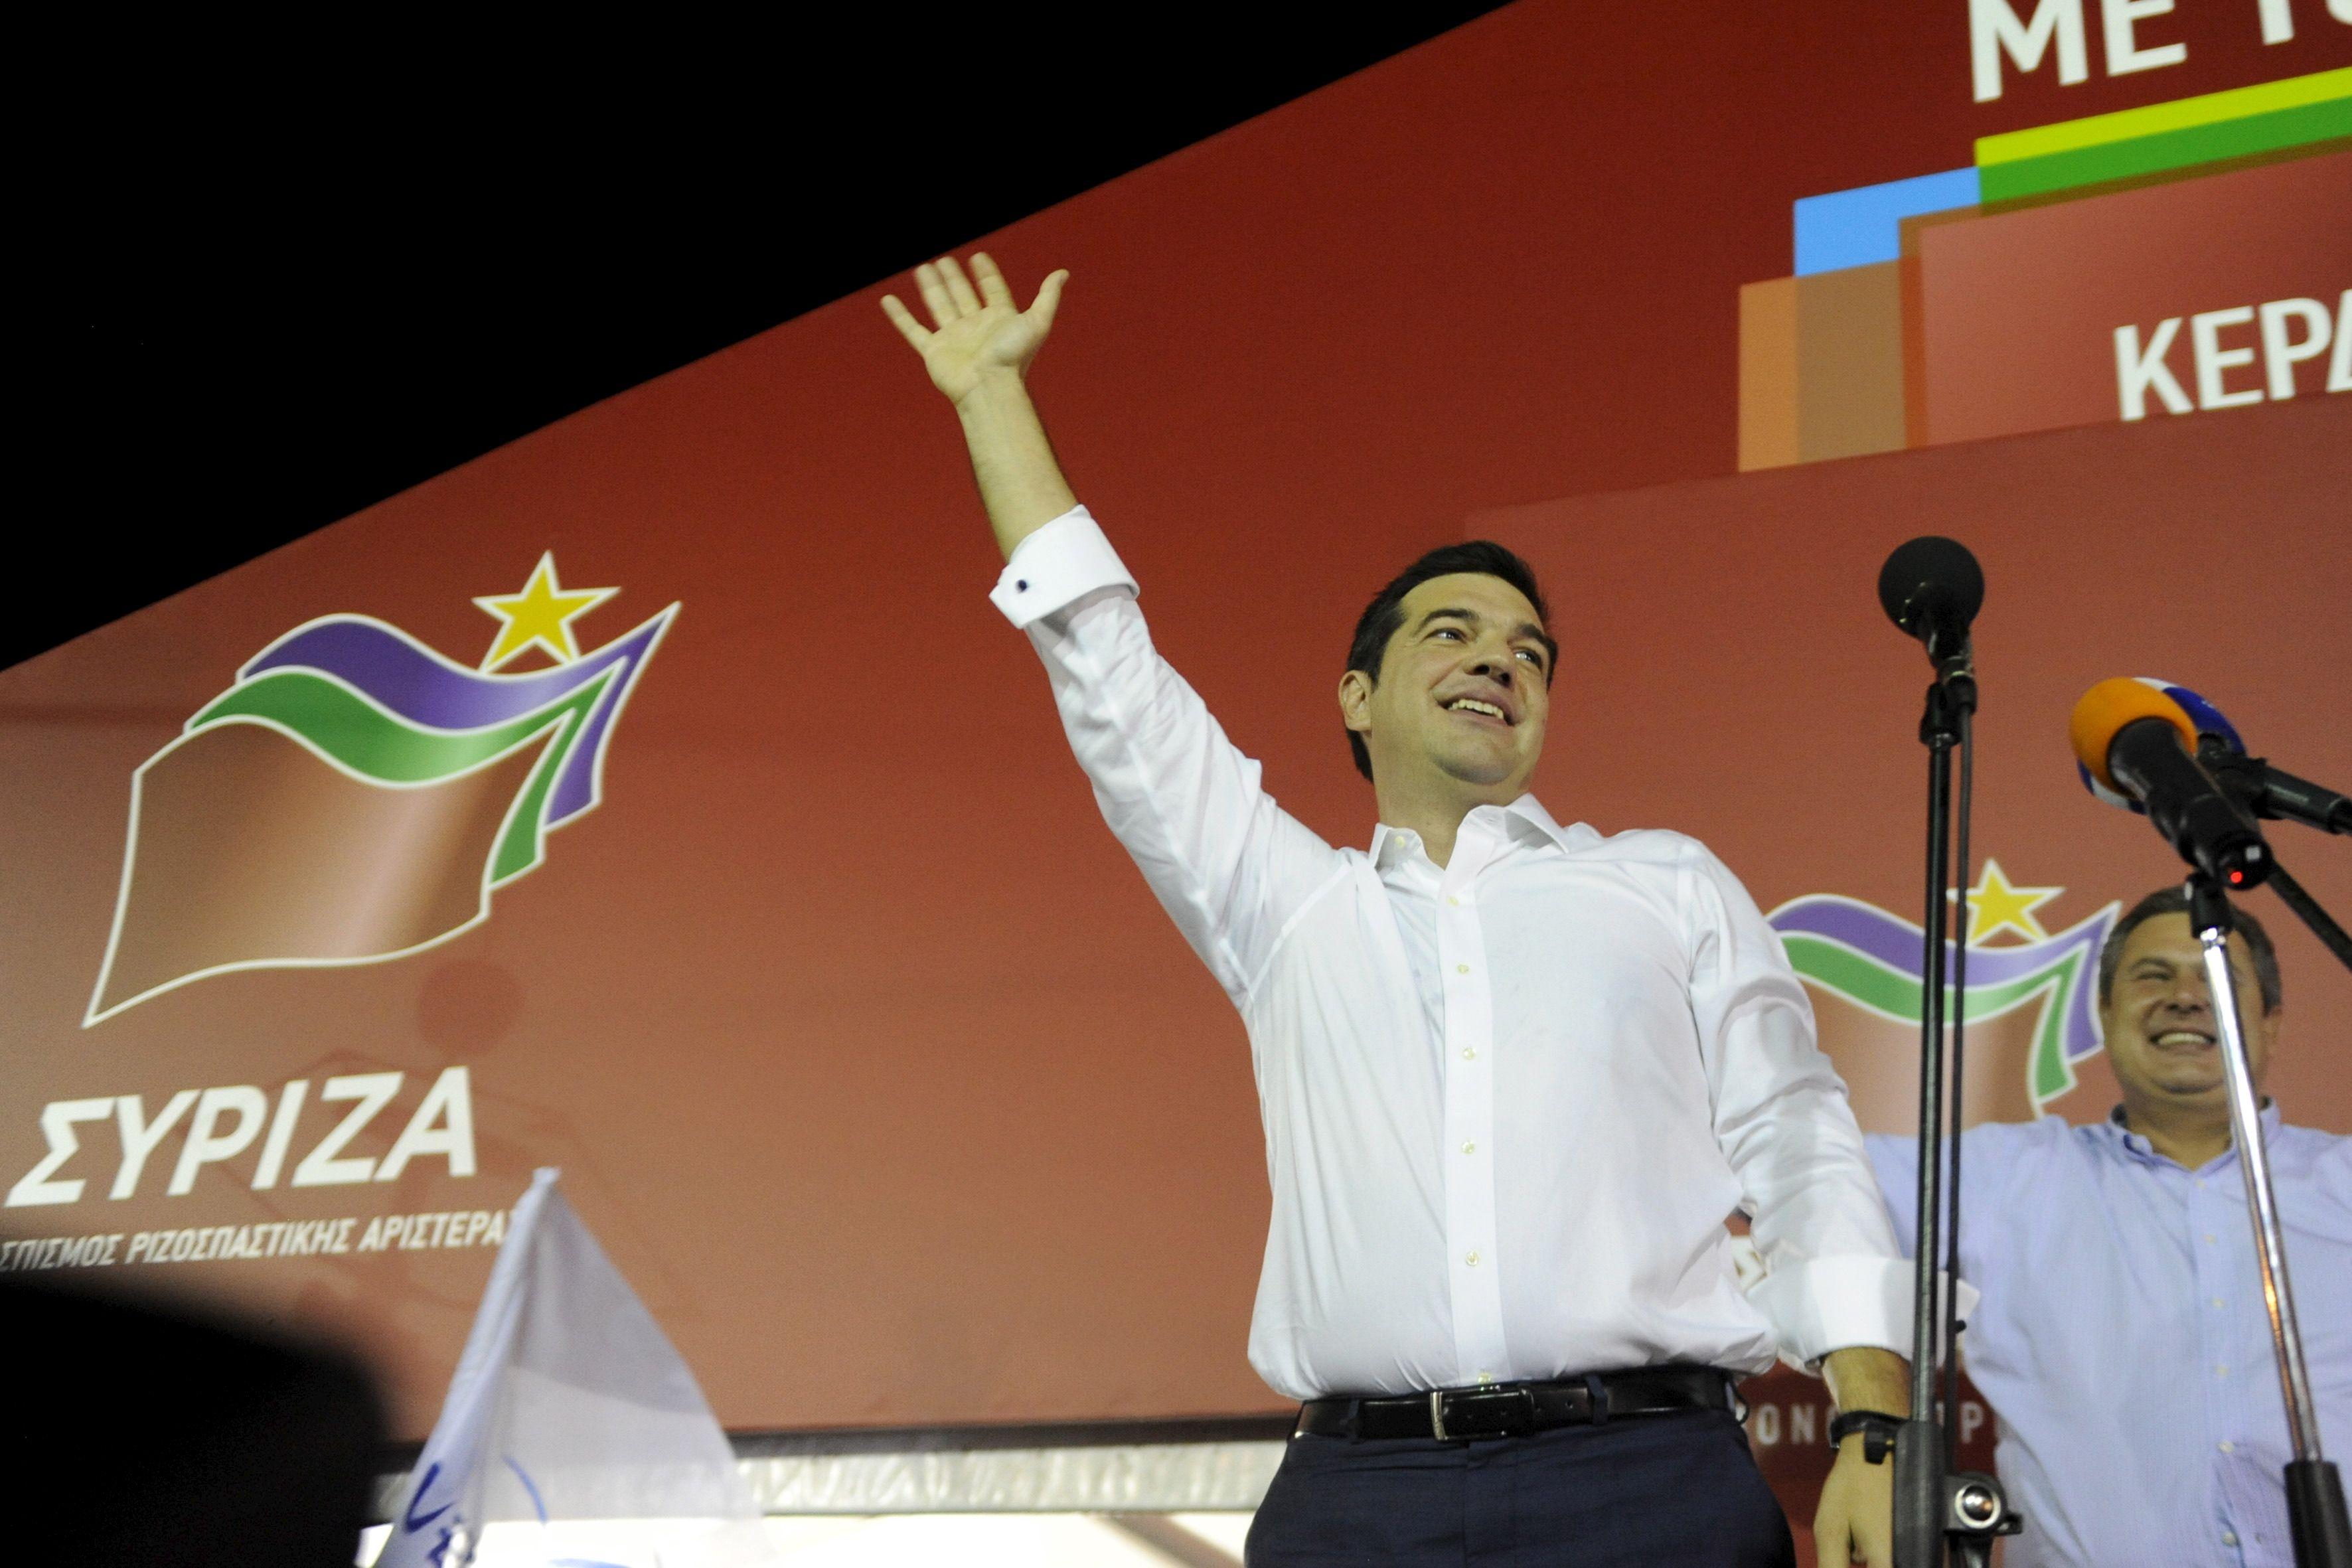 Alexis Tsipras doit former une coalition avec des partis qui ont obtenu des sièges au Parlement.